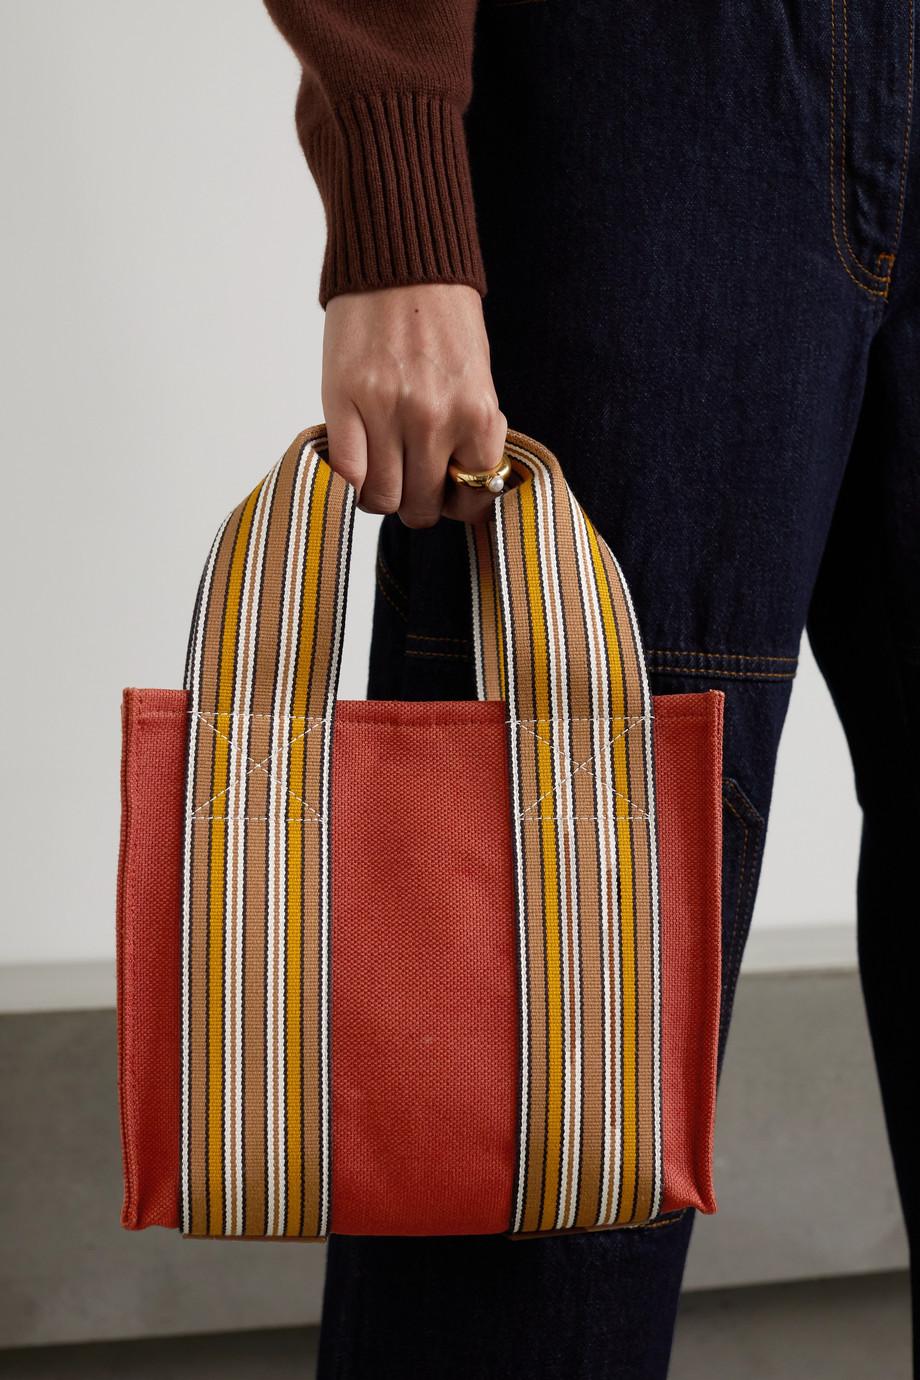 Loro Piana Suitcase mini Tote aus Canvas aus einer Baumwoll-Leinenmischung mit Streifen